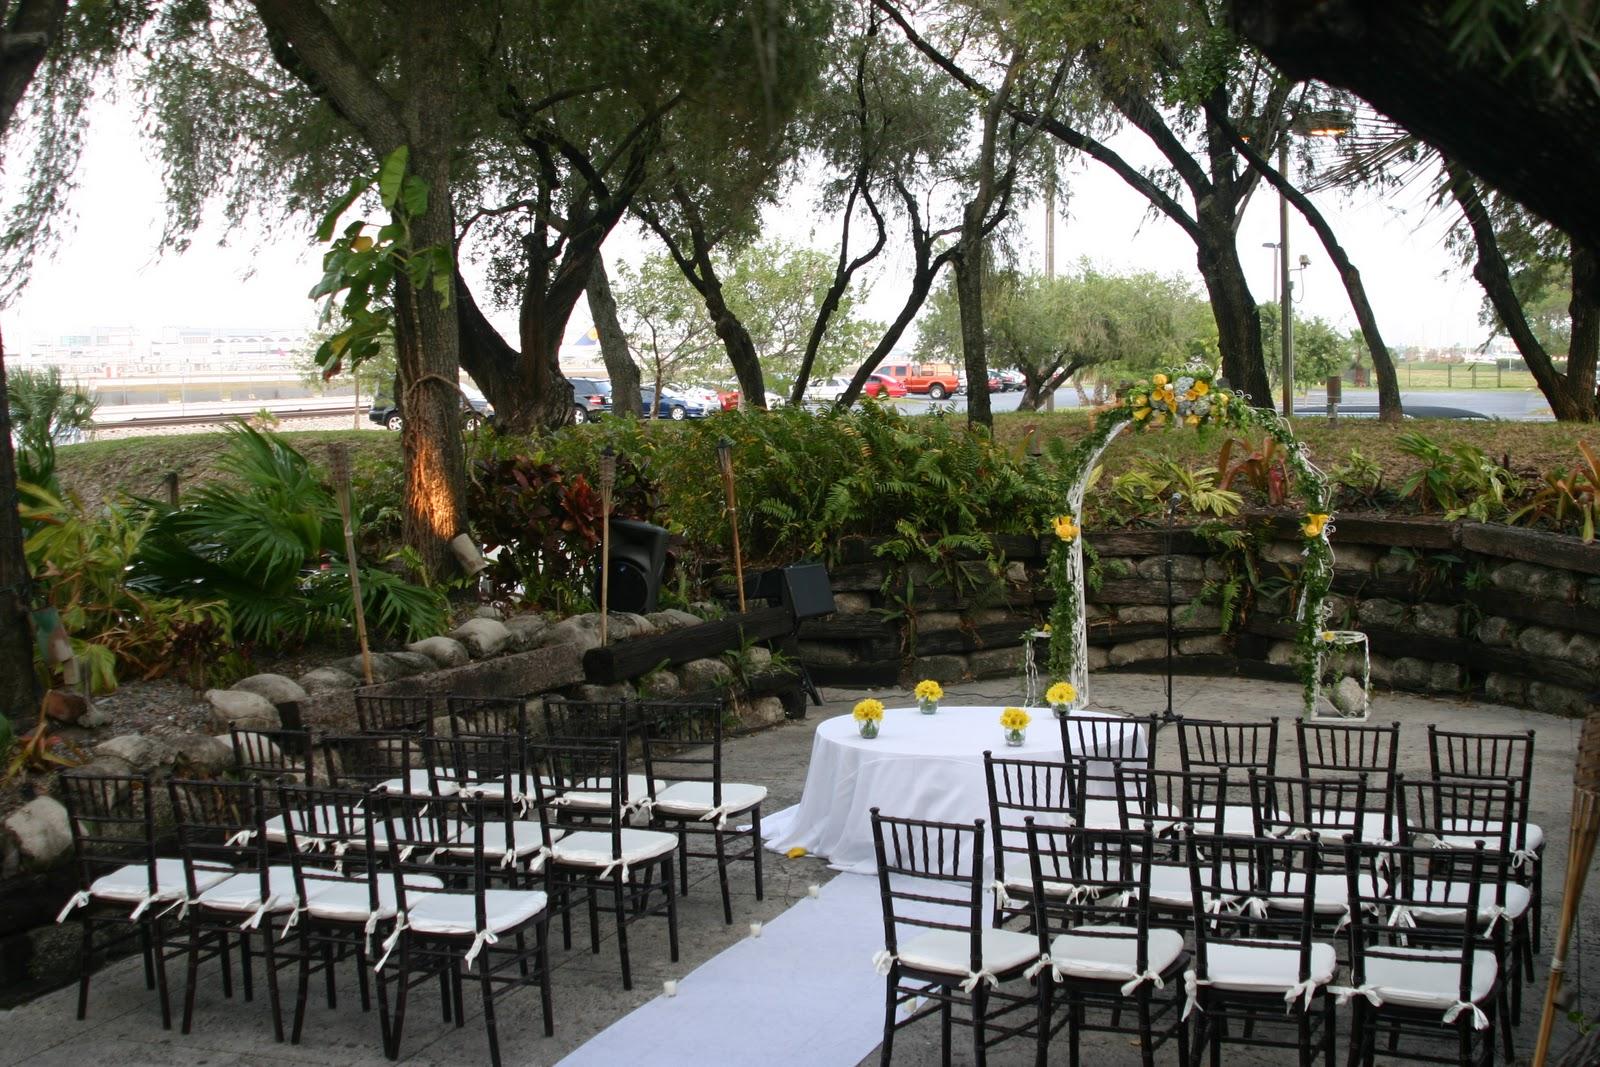 94th Aero Squadron Miami Outdoor Ceremony